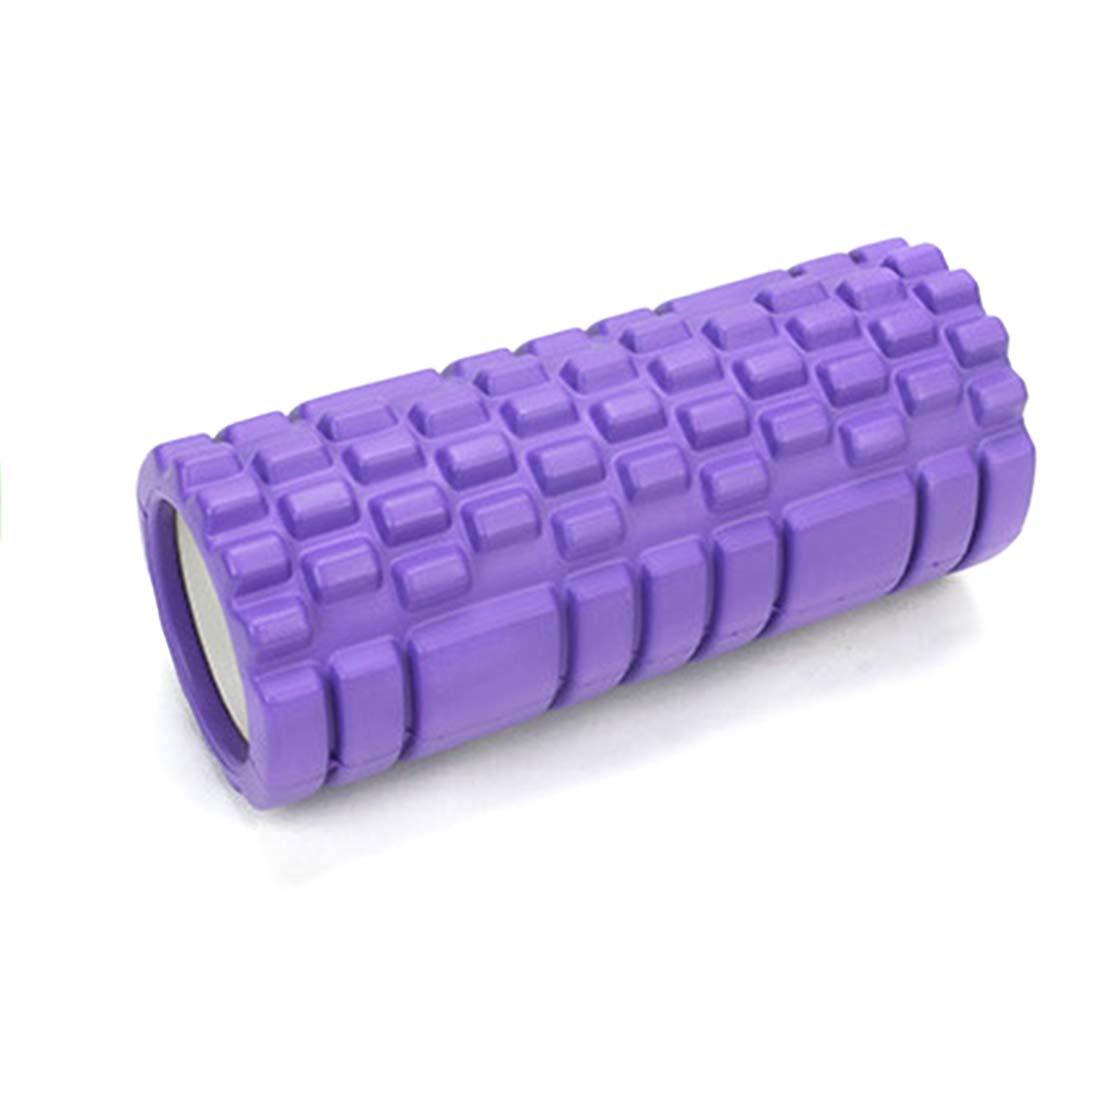 【高い素材】 Sdhisi Iu EVAホロウヨガコラムヨガスティックフィットネスヨガスティック (色 : : レッド, サイズ : : 33 (色*14cm) B07R6GGFNX Purple 33*14cm 33*14cm|Purple, 越廼村:71bb8711 --- arianechie.dominiotemporario.com